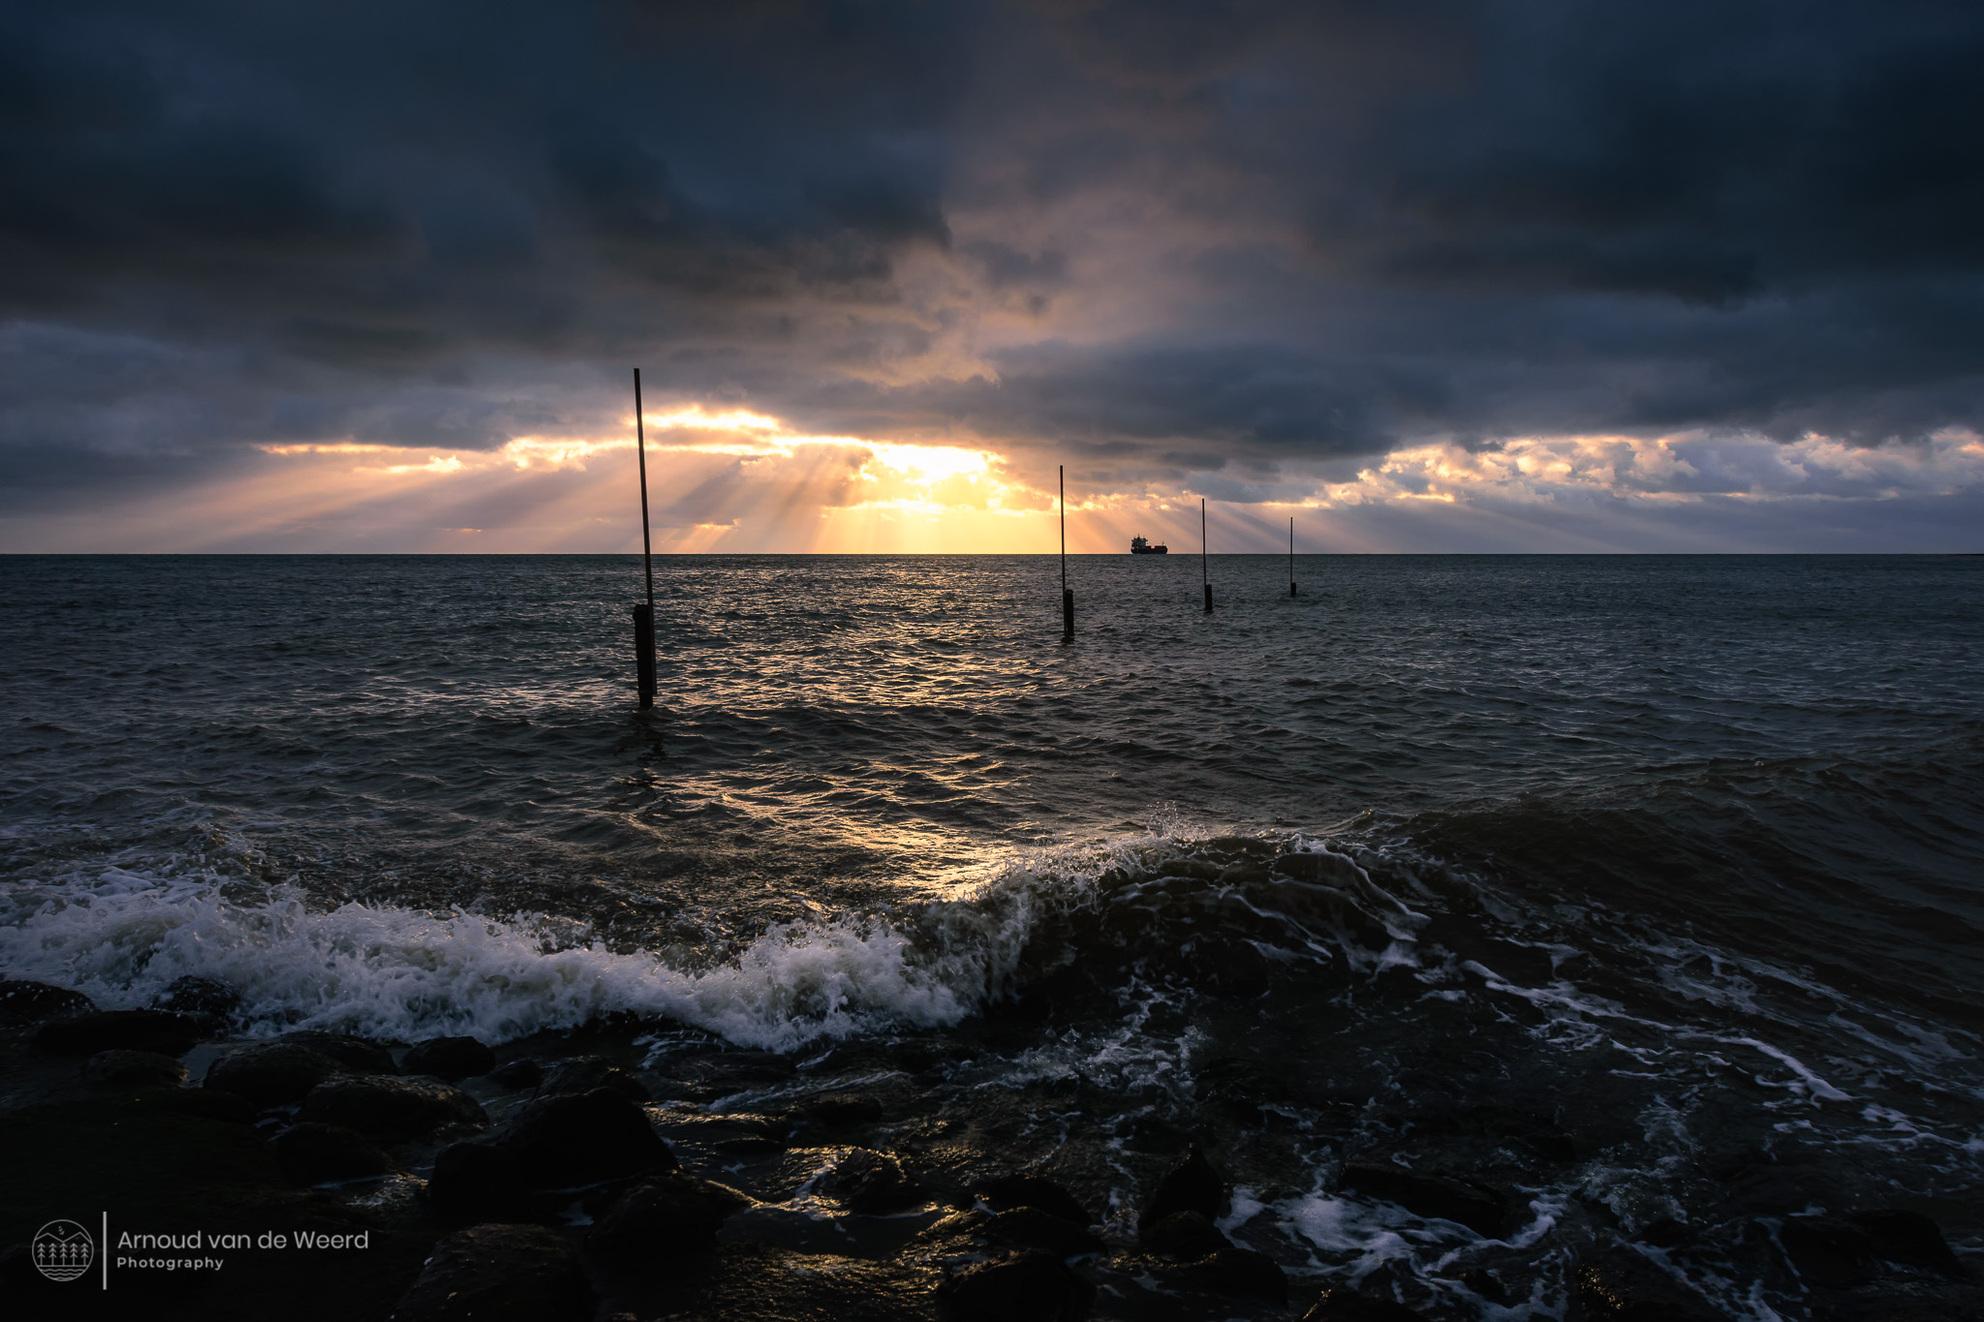 Oculus - Een paar seconden met mooi licht is soms het enige wat je krijgt om een foto te maken. Niet lang na het maken van deze foto trok het wolkendek weer d - foto door Arnoud78 op 08-04-2021 - deze foto bevat: zeeland, vlissingen, zonsondergang, strand, donker, zonlicht, zonneharp, dreigend, wolk, water, lucht, atmosfeer, nagloeien, vloeistof, schemer, boom, zonsondergang, kust- en oceanische landvormen